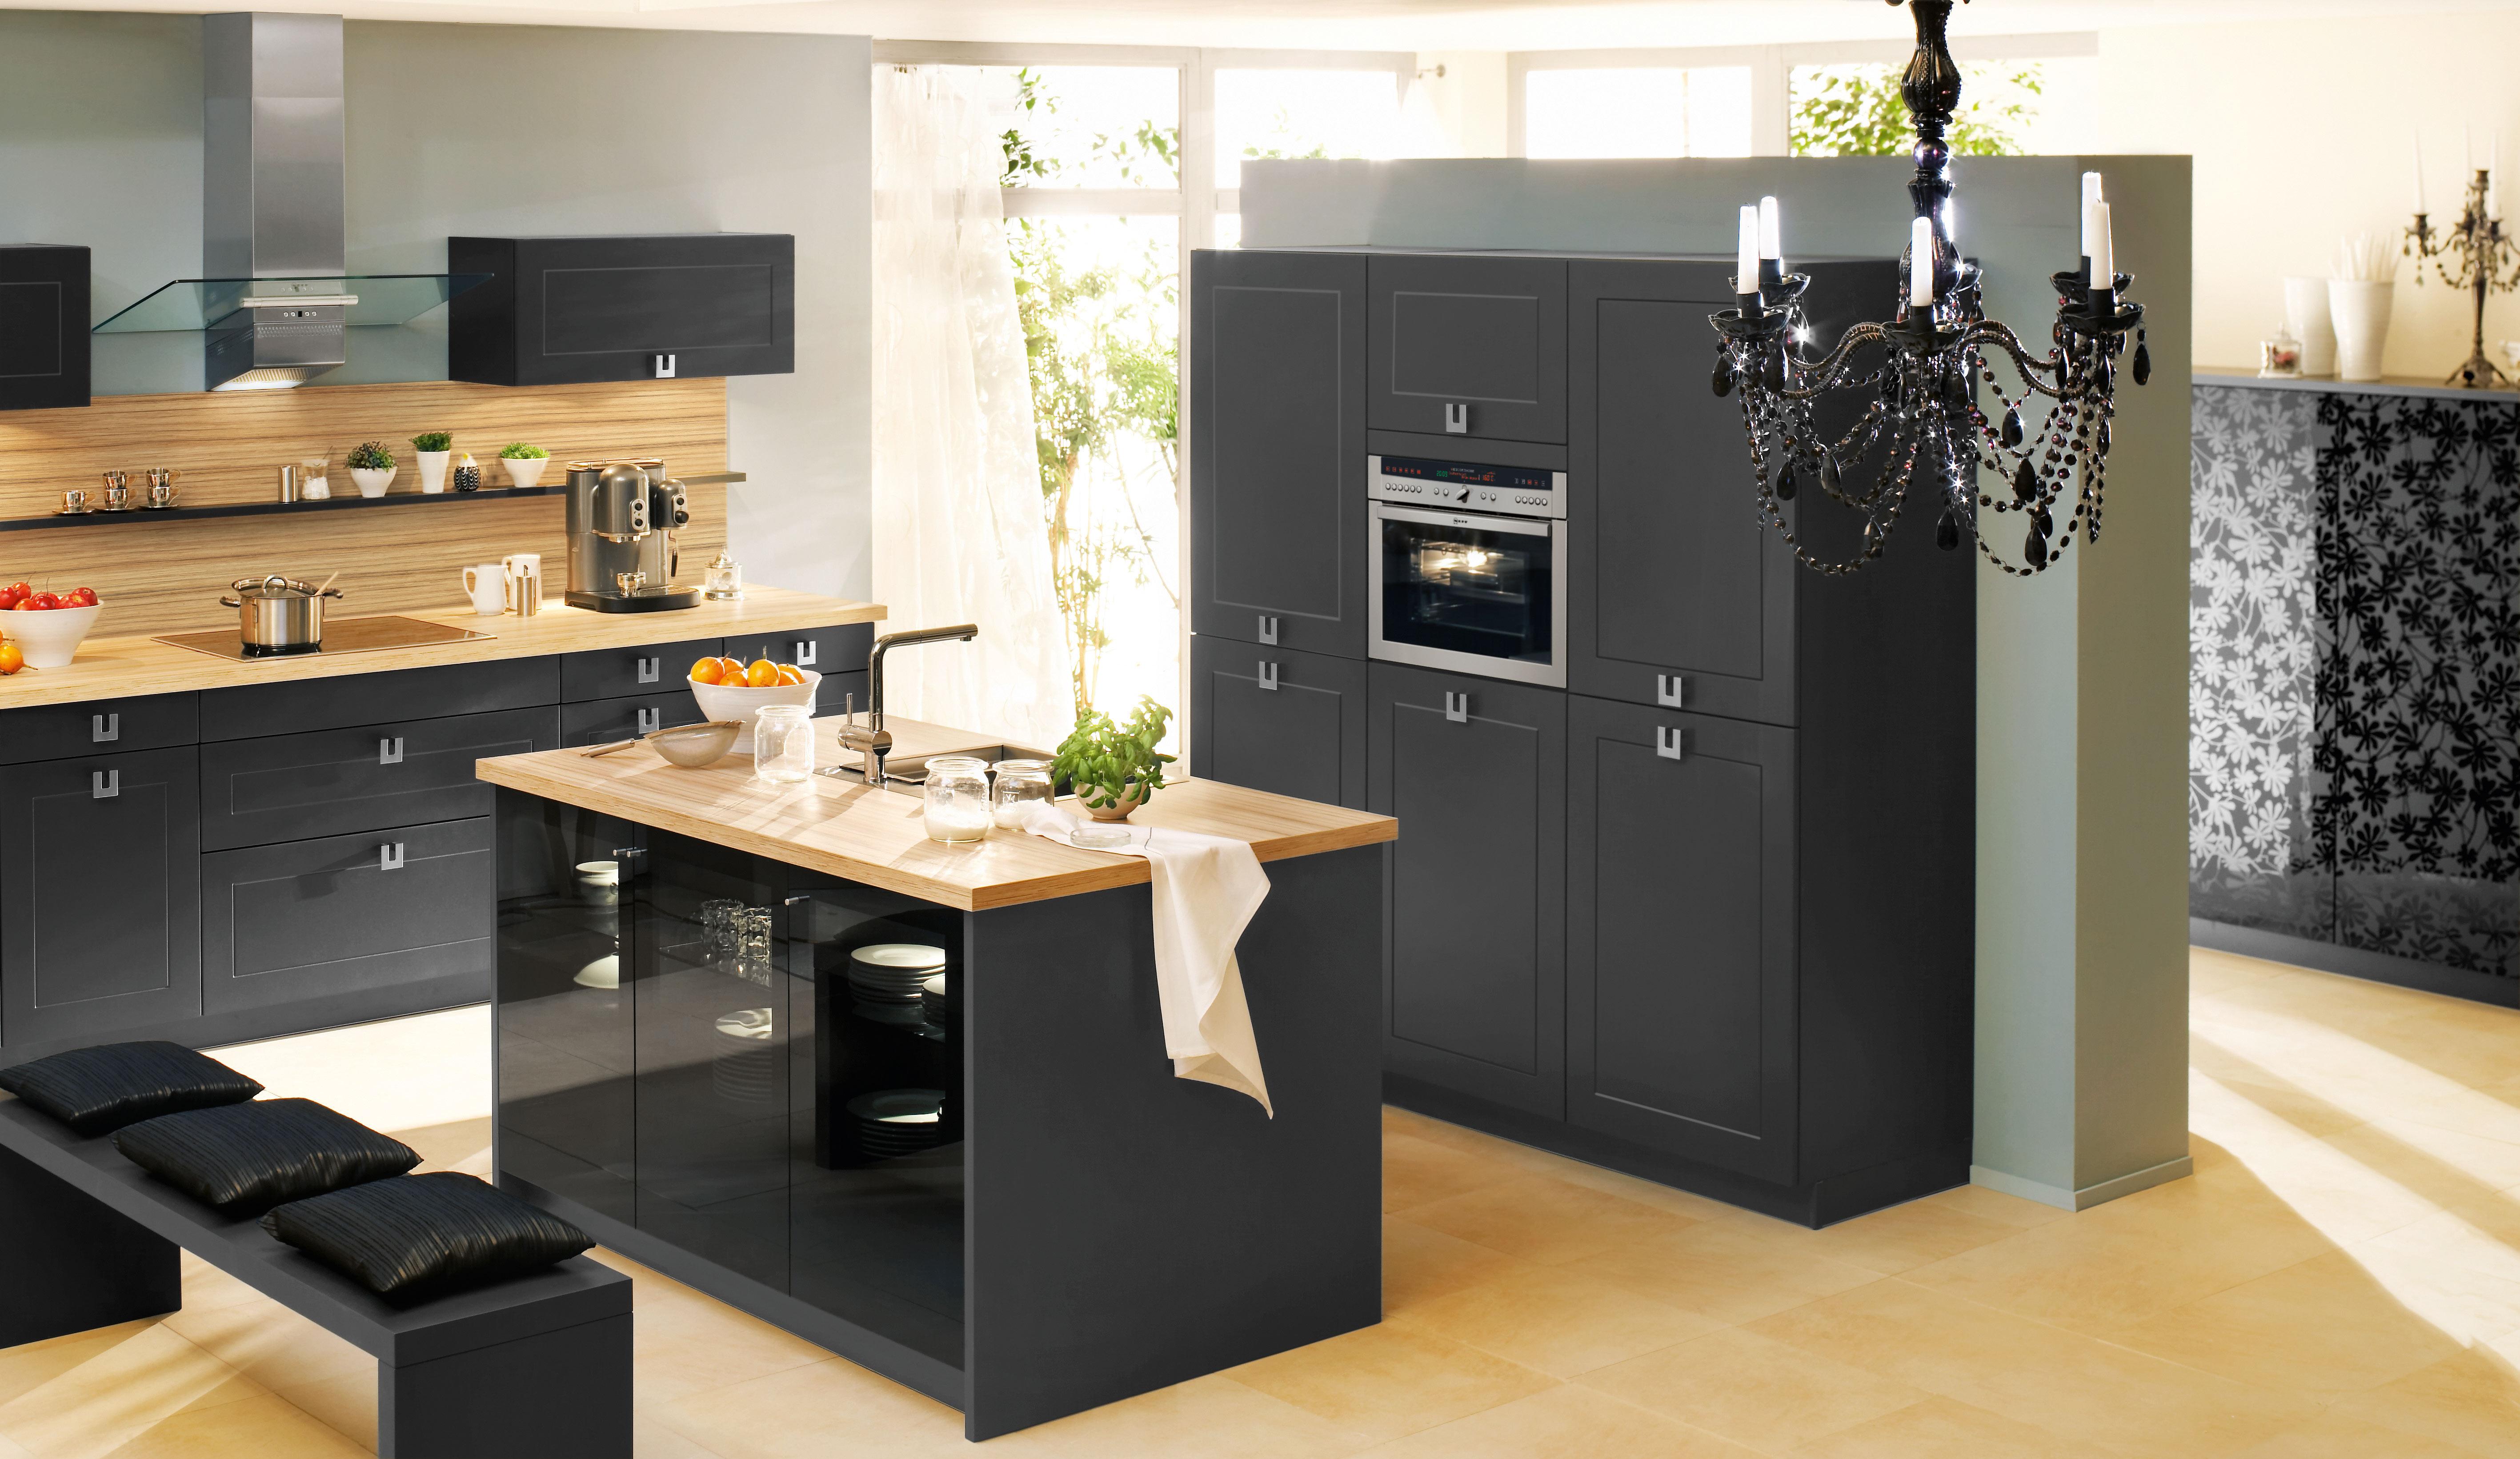 schwarze k che tipps zu einrichtung und gestaltung. Black Bedroom Furniture Sets. Home Design Ideas